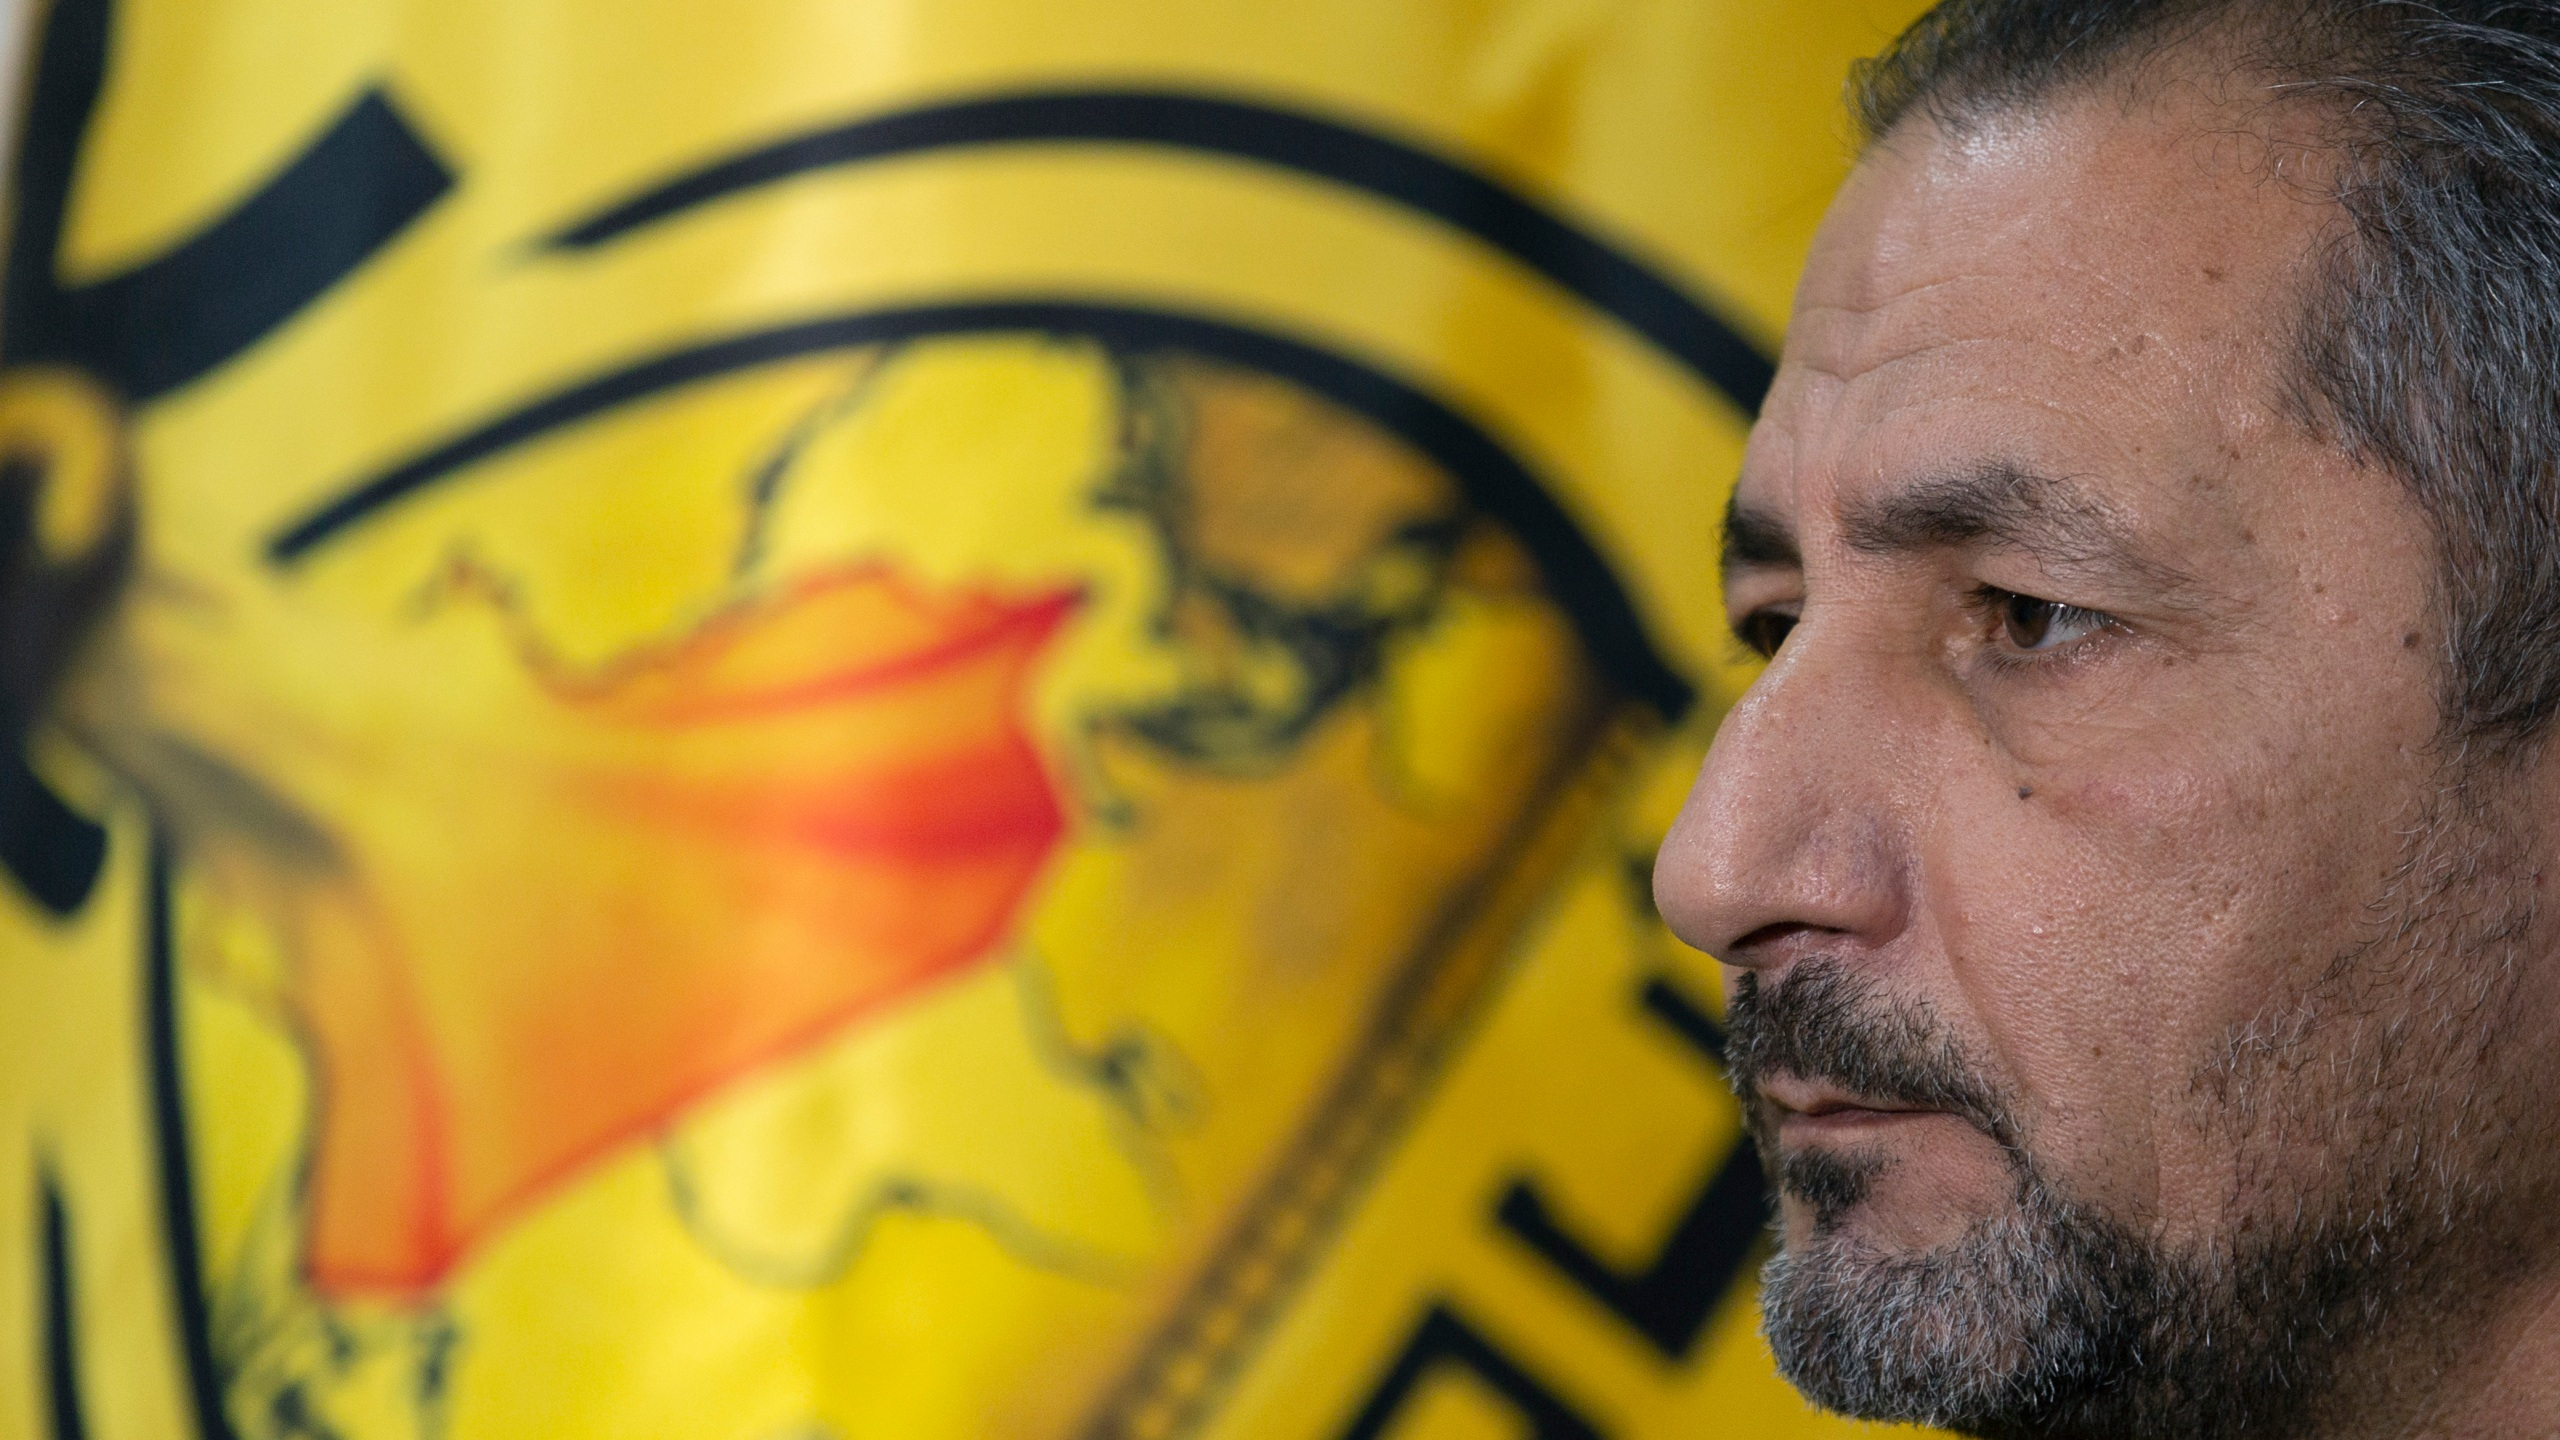 Mohammed Mohieh